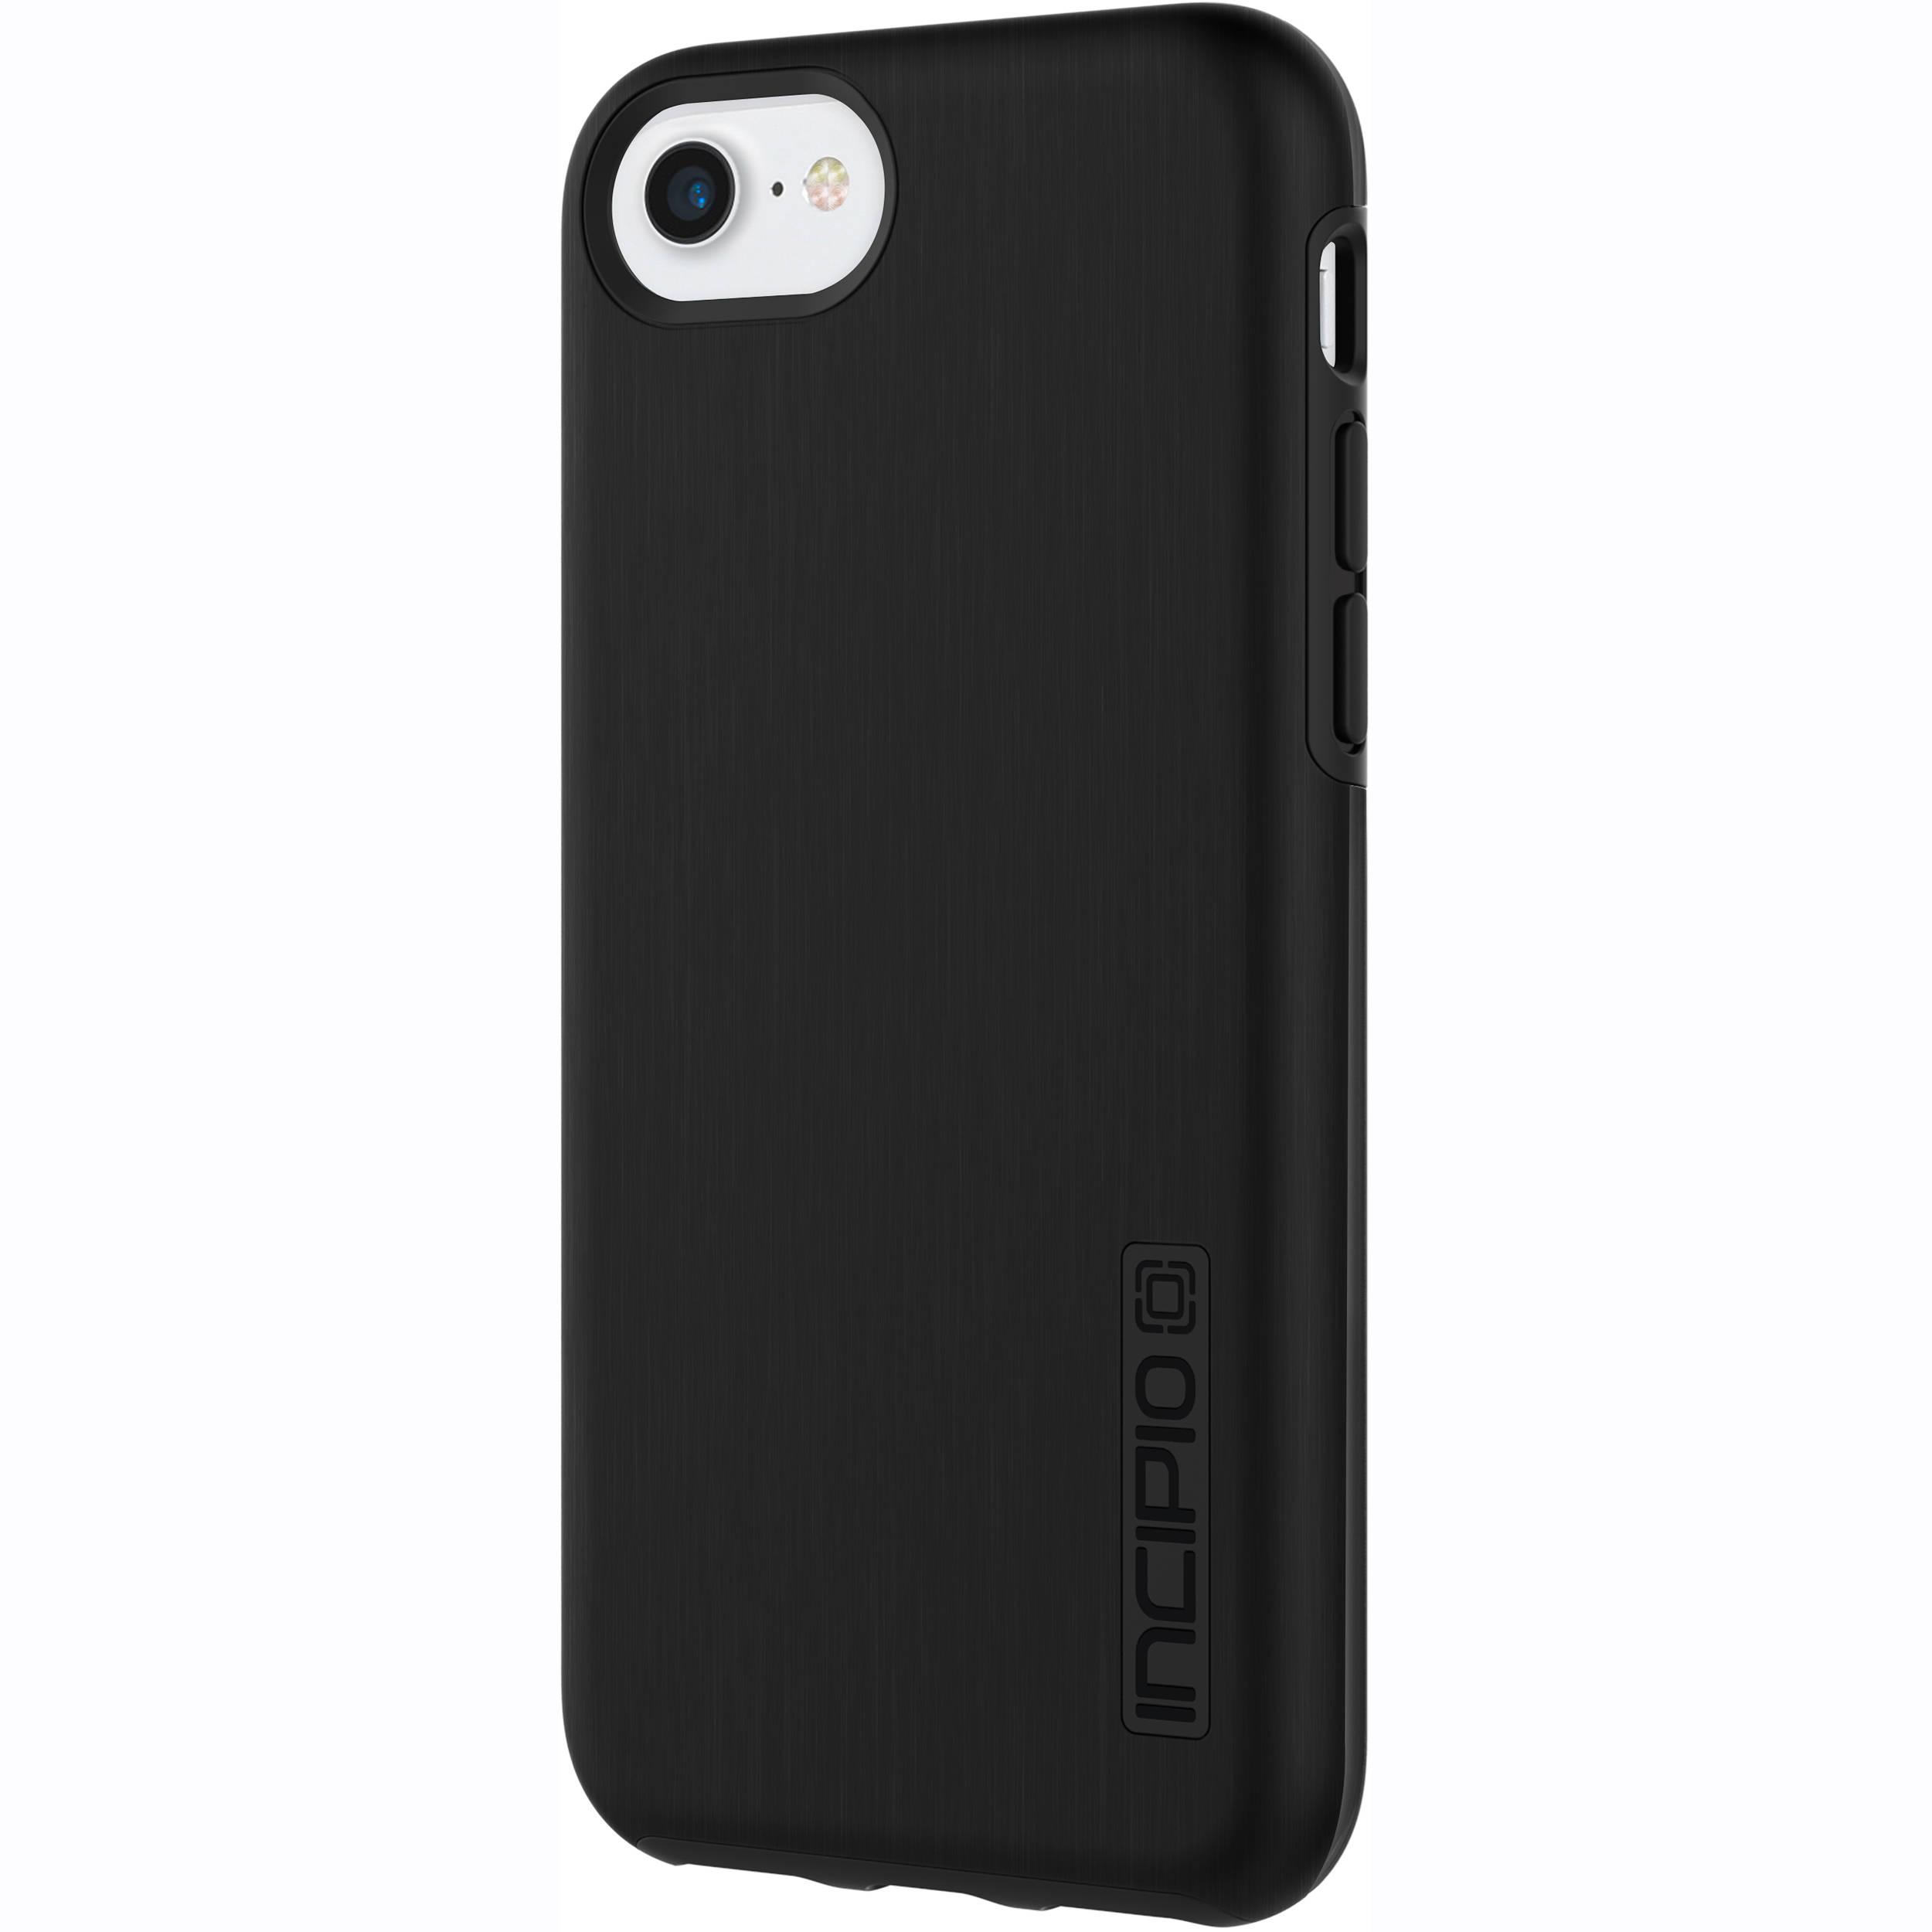 Iphone C Aluminum Case